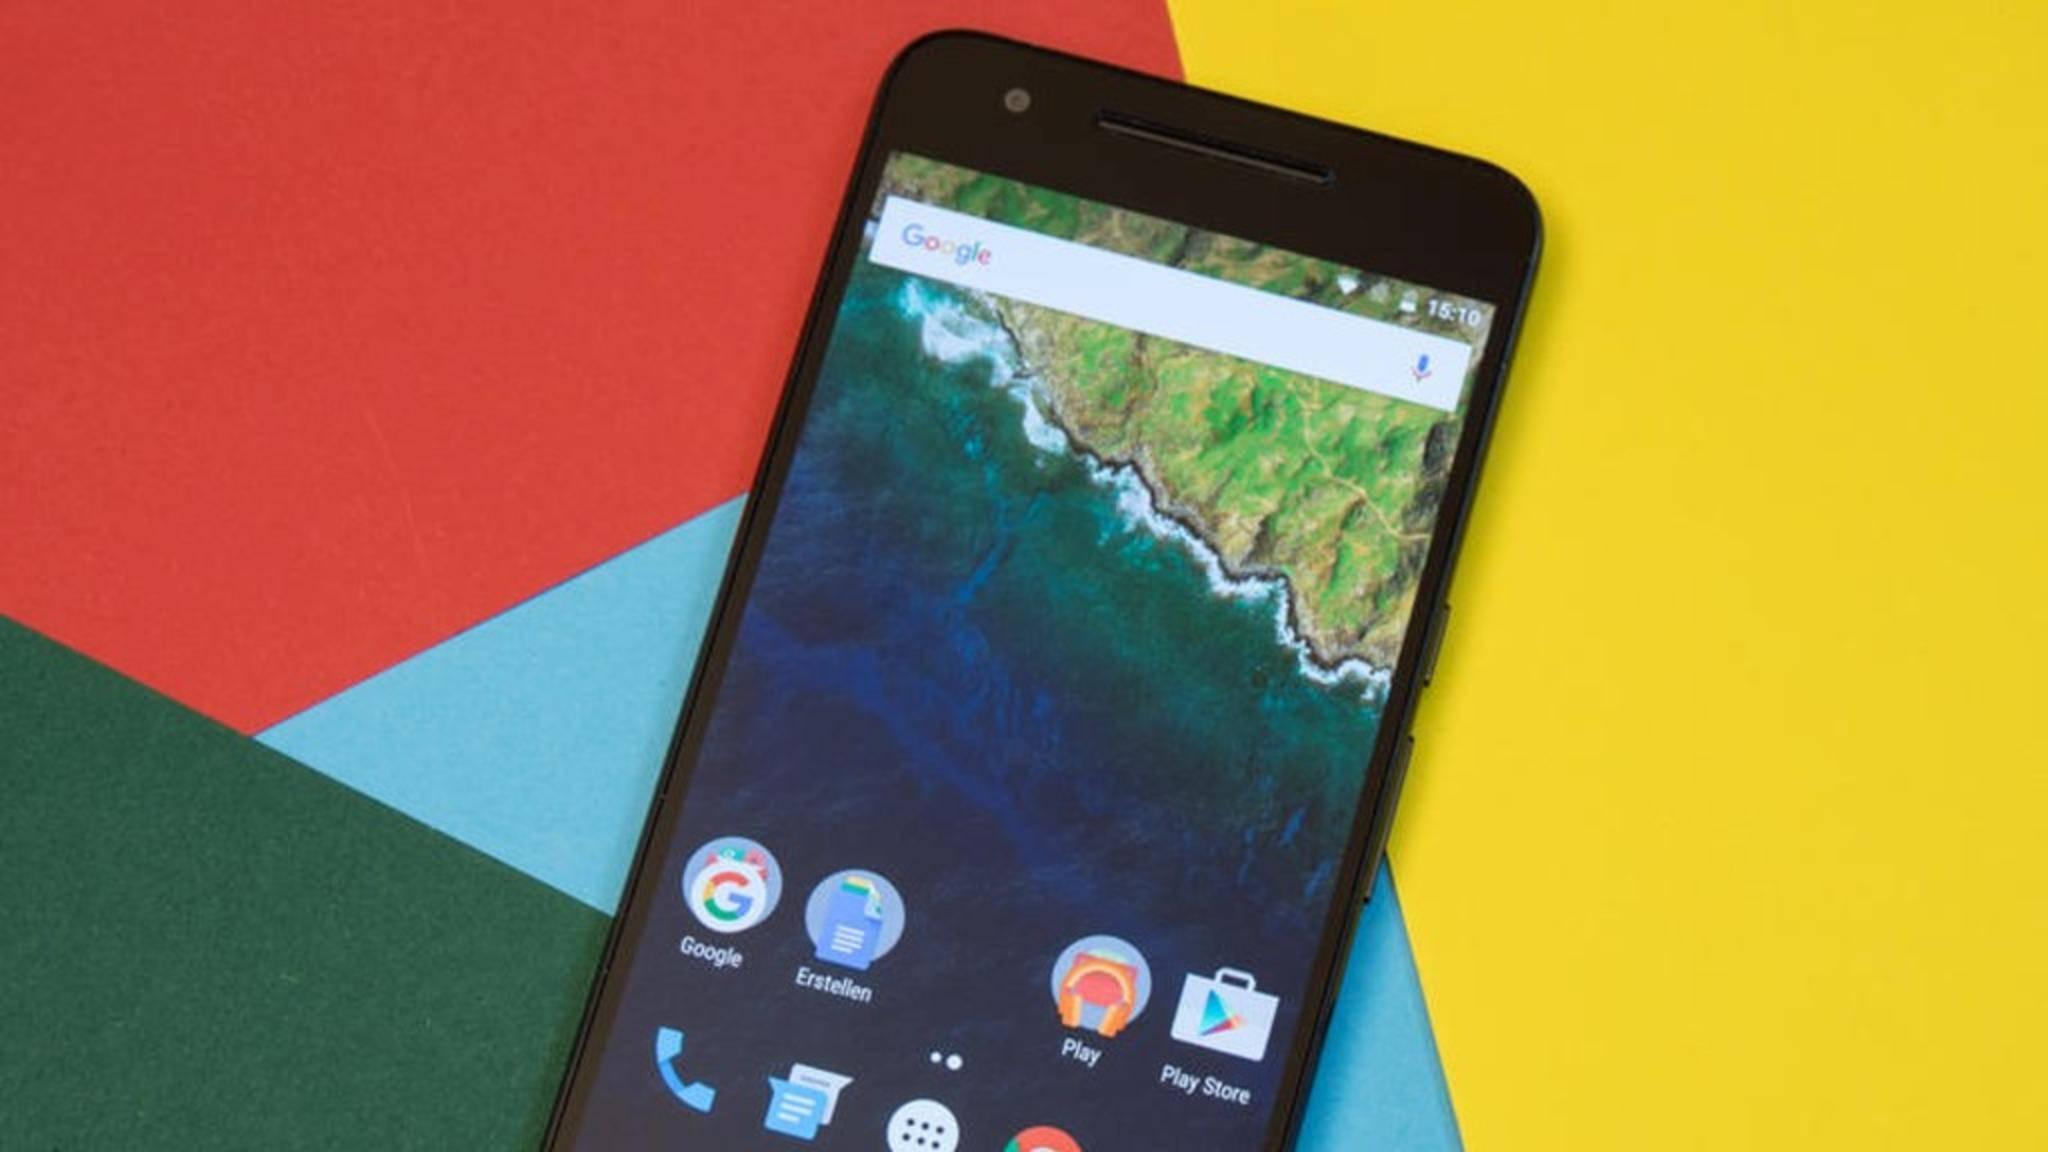 Mit einem Trick kannst Du den Google Assistant wahrscheinlich auch auf Deinem Smartphone freischalten.